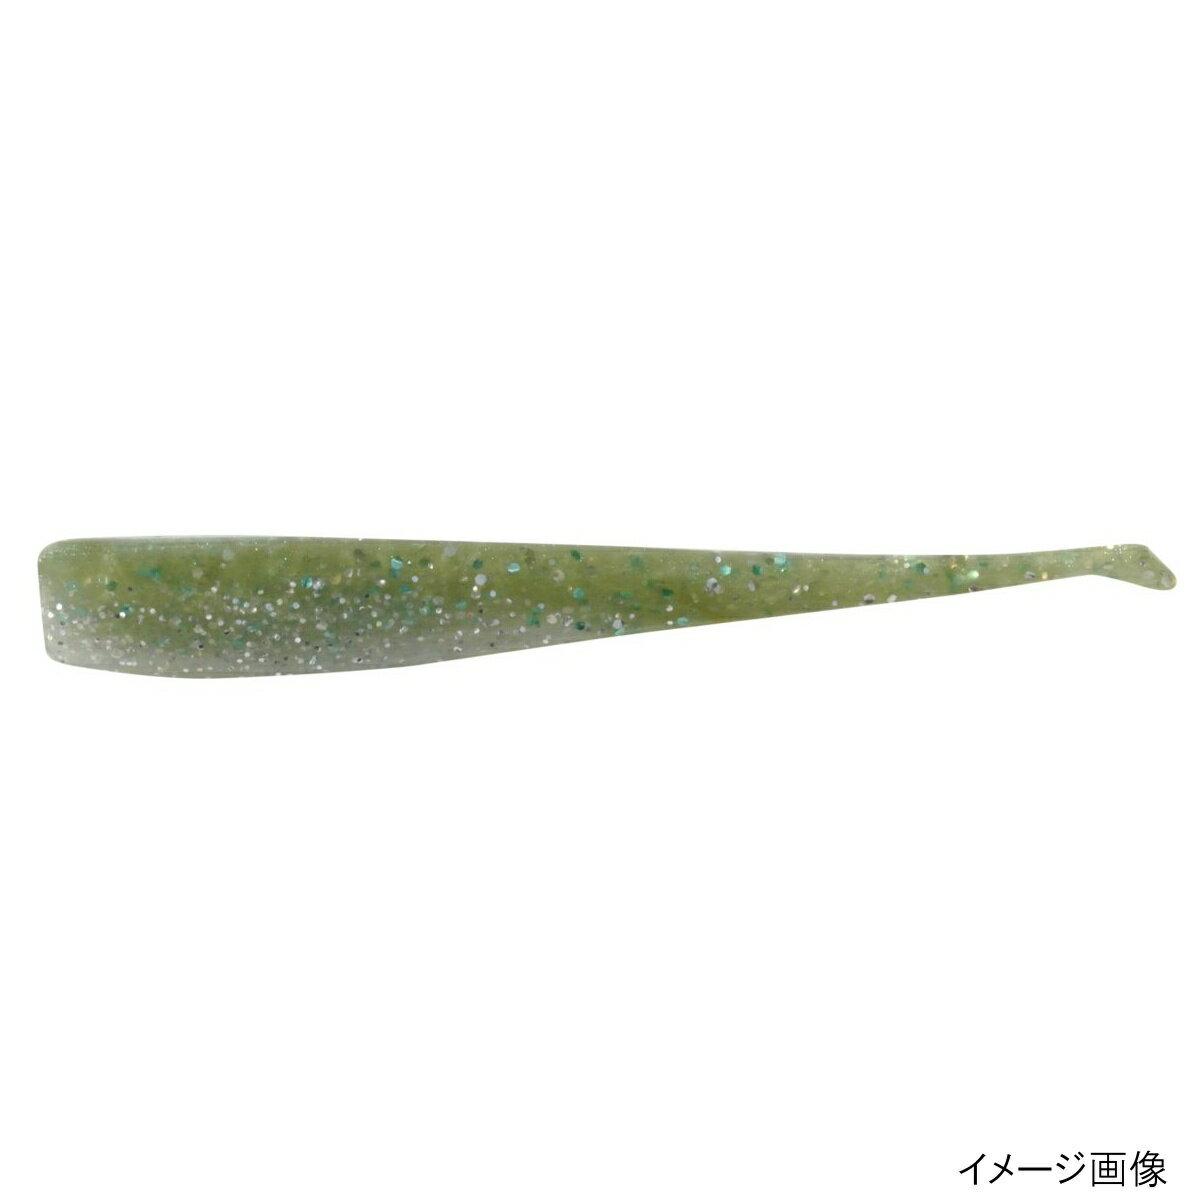 コアマン アルカリジュニア CA-07 #003(沖堤イワシ)(東日本店)